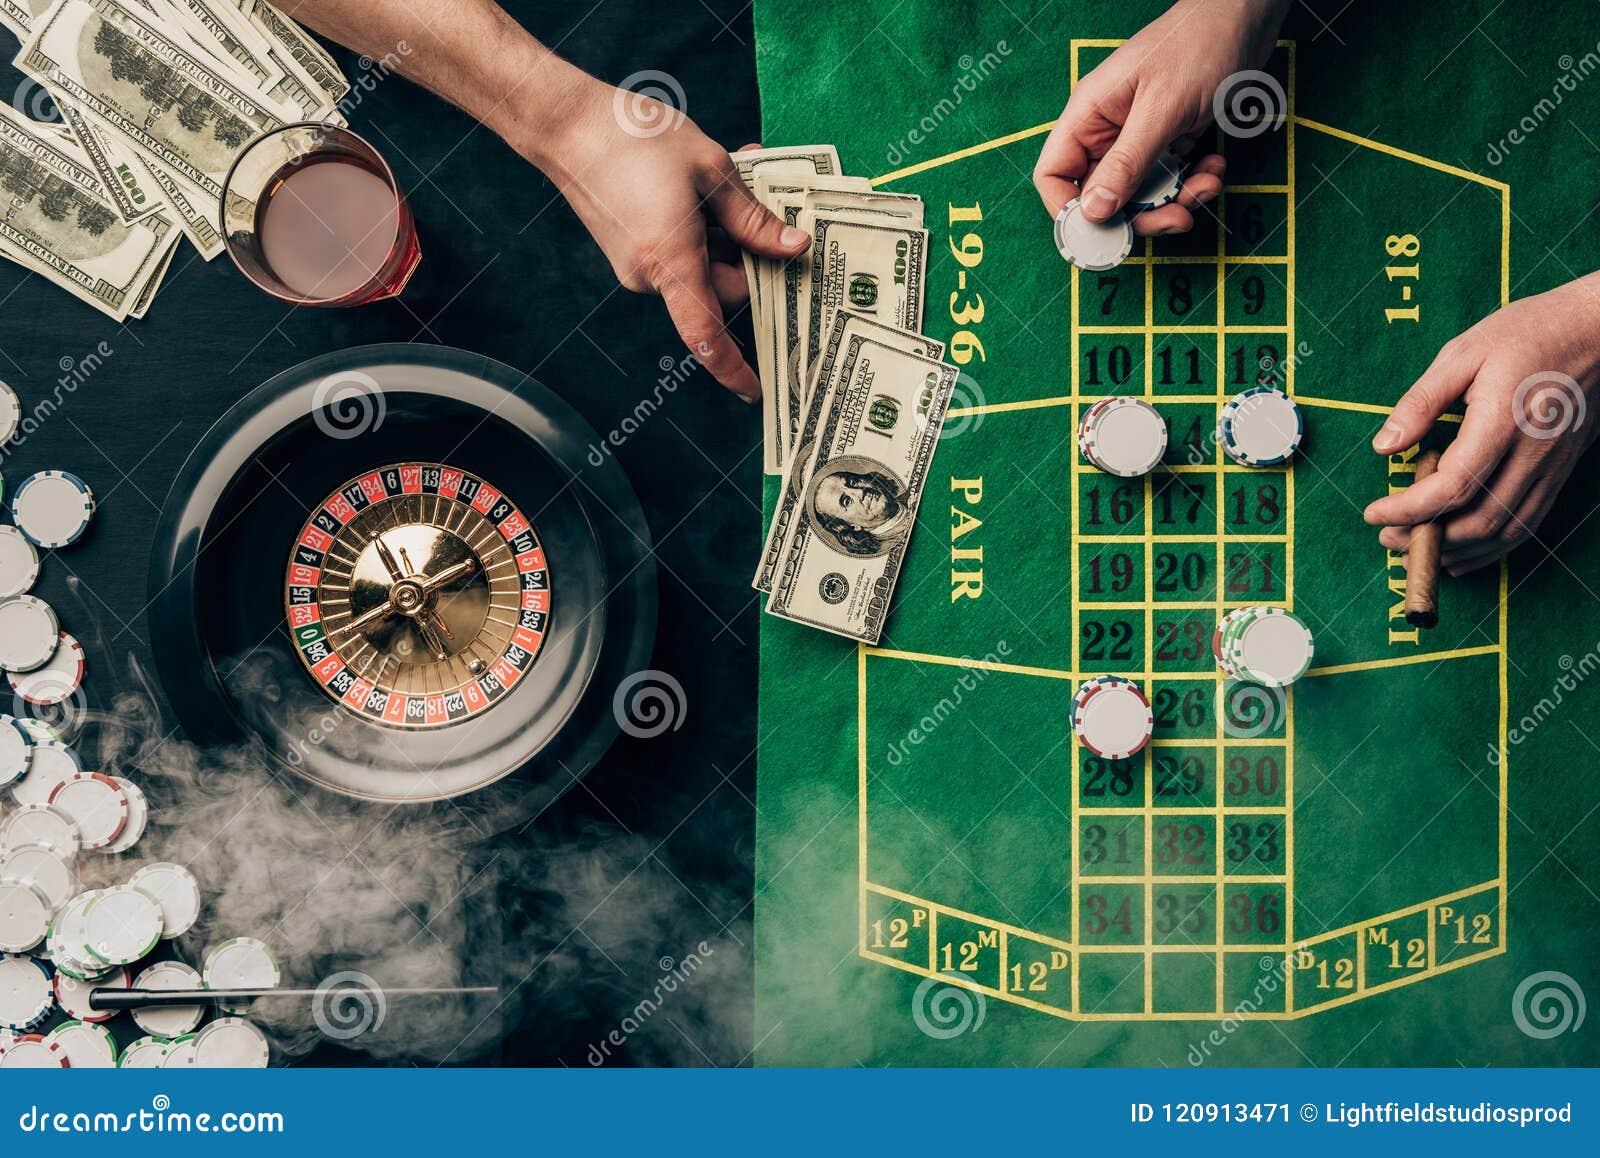 Mężczyzna umieszcza zakład na kasyno stole